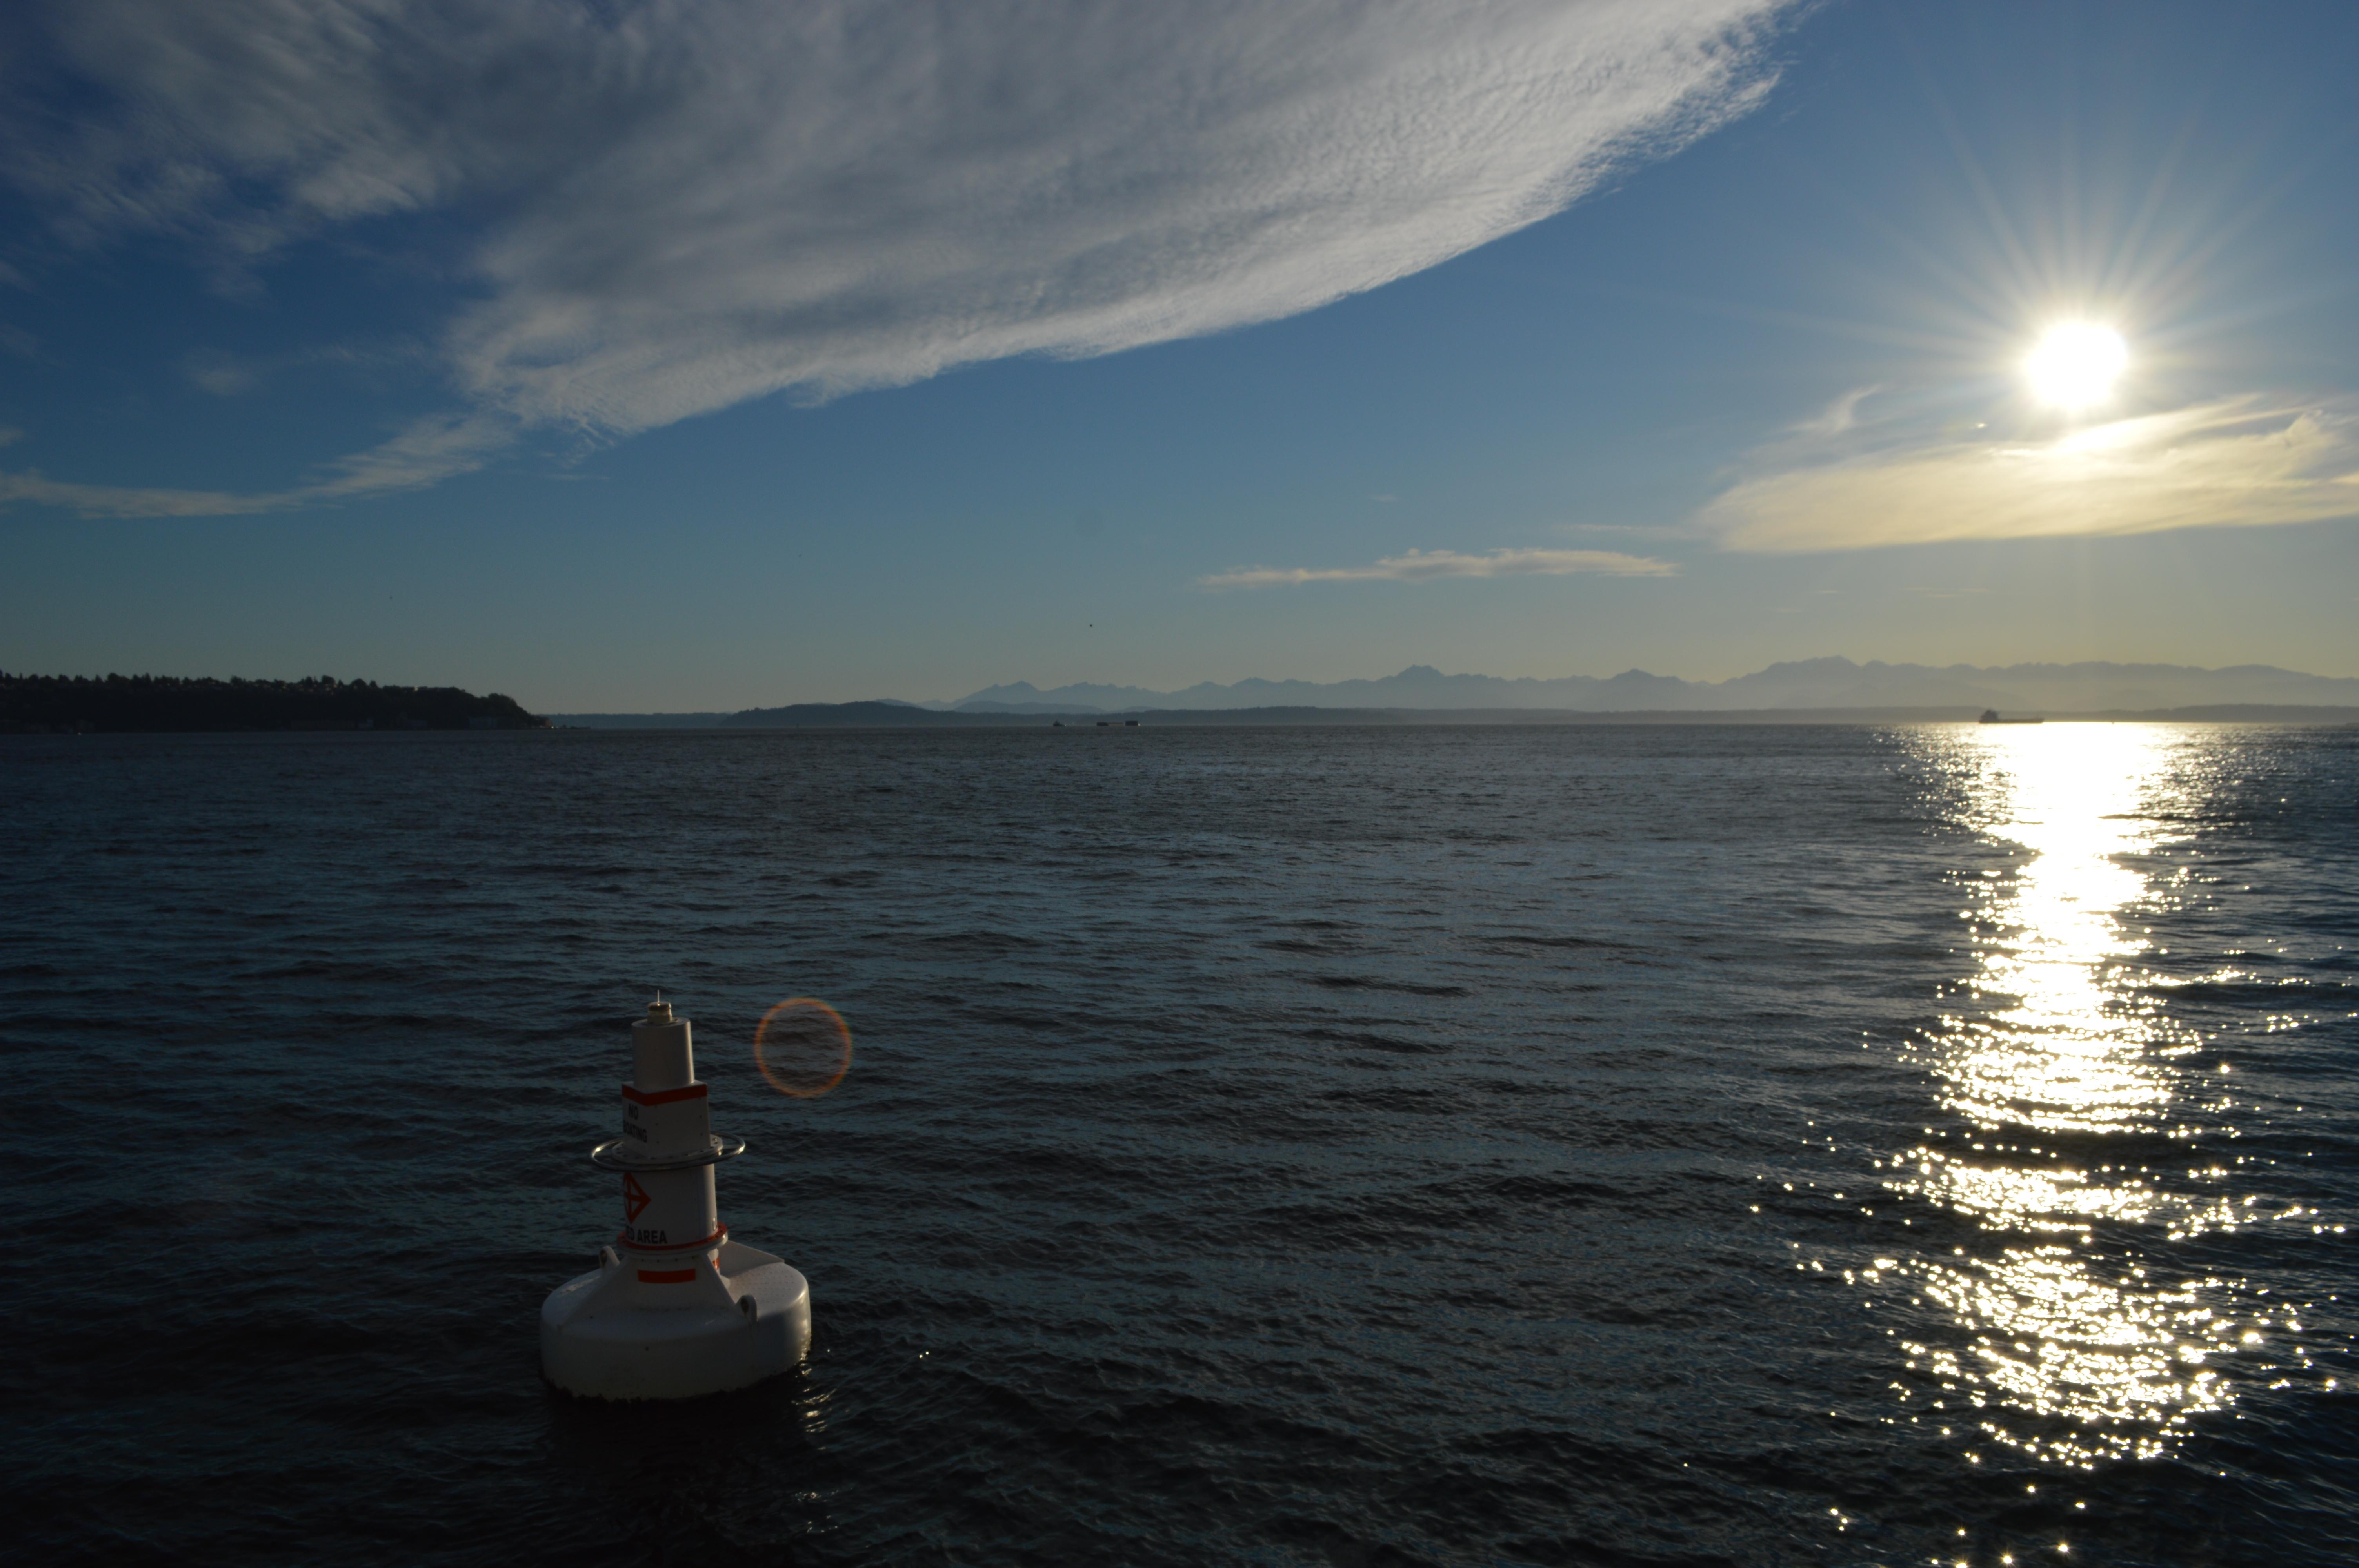 海と太陽の写真です。